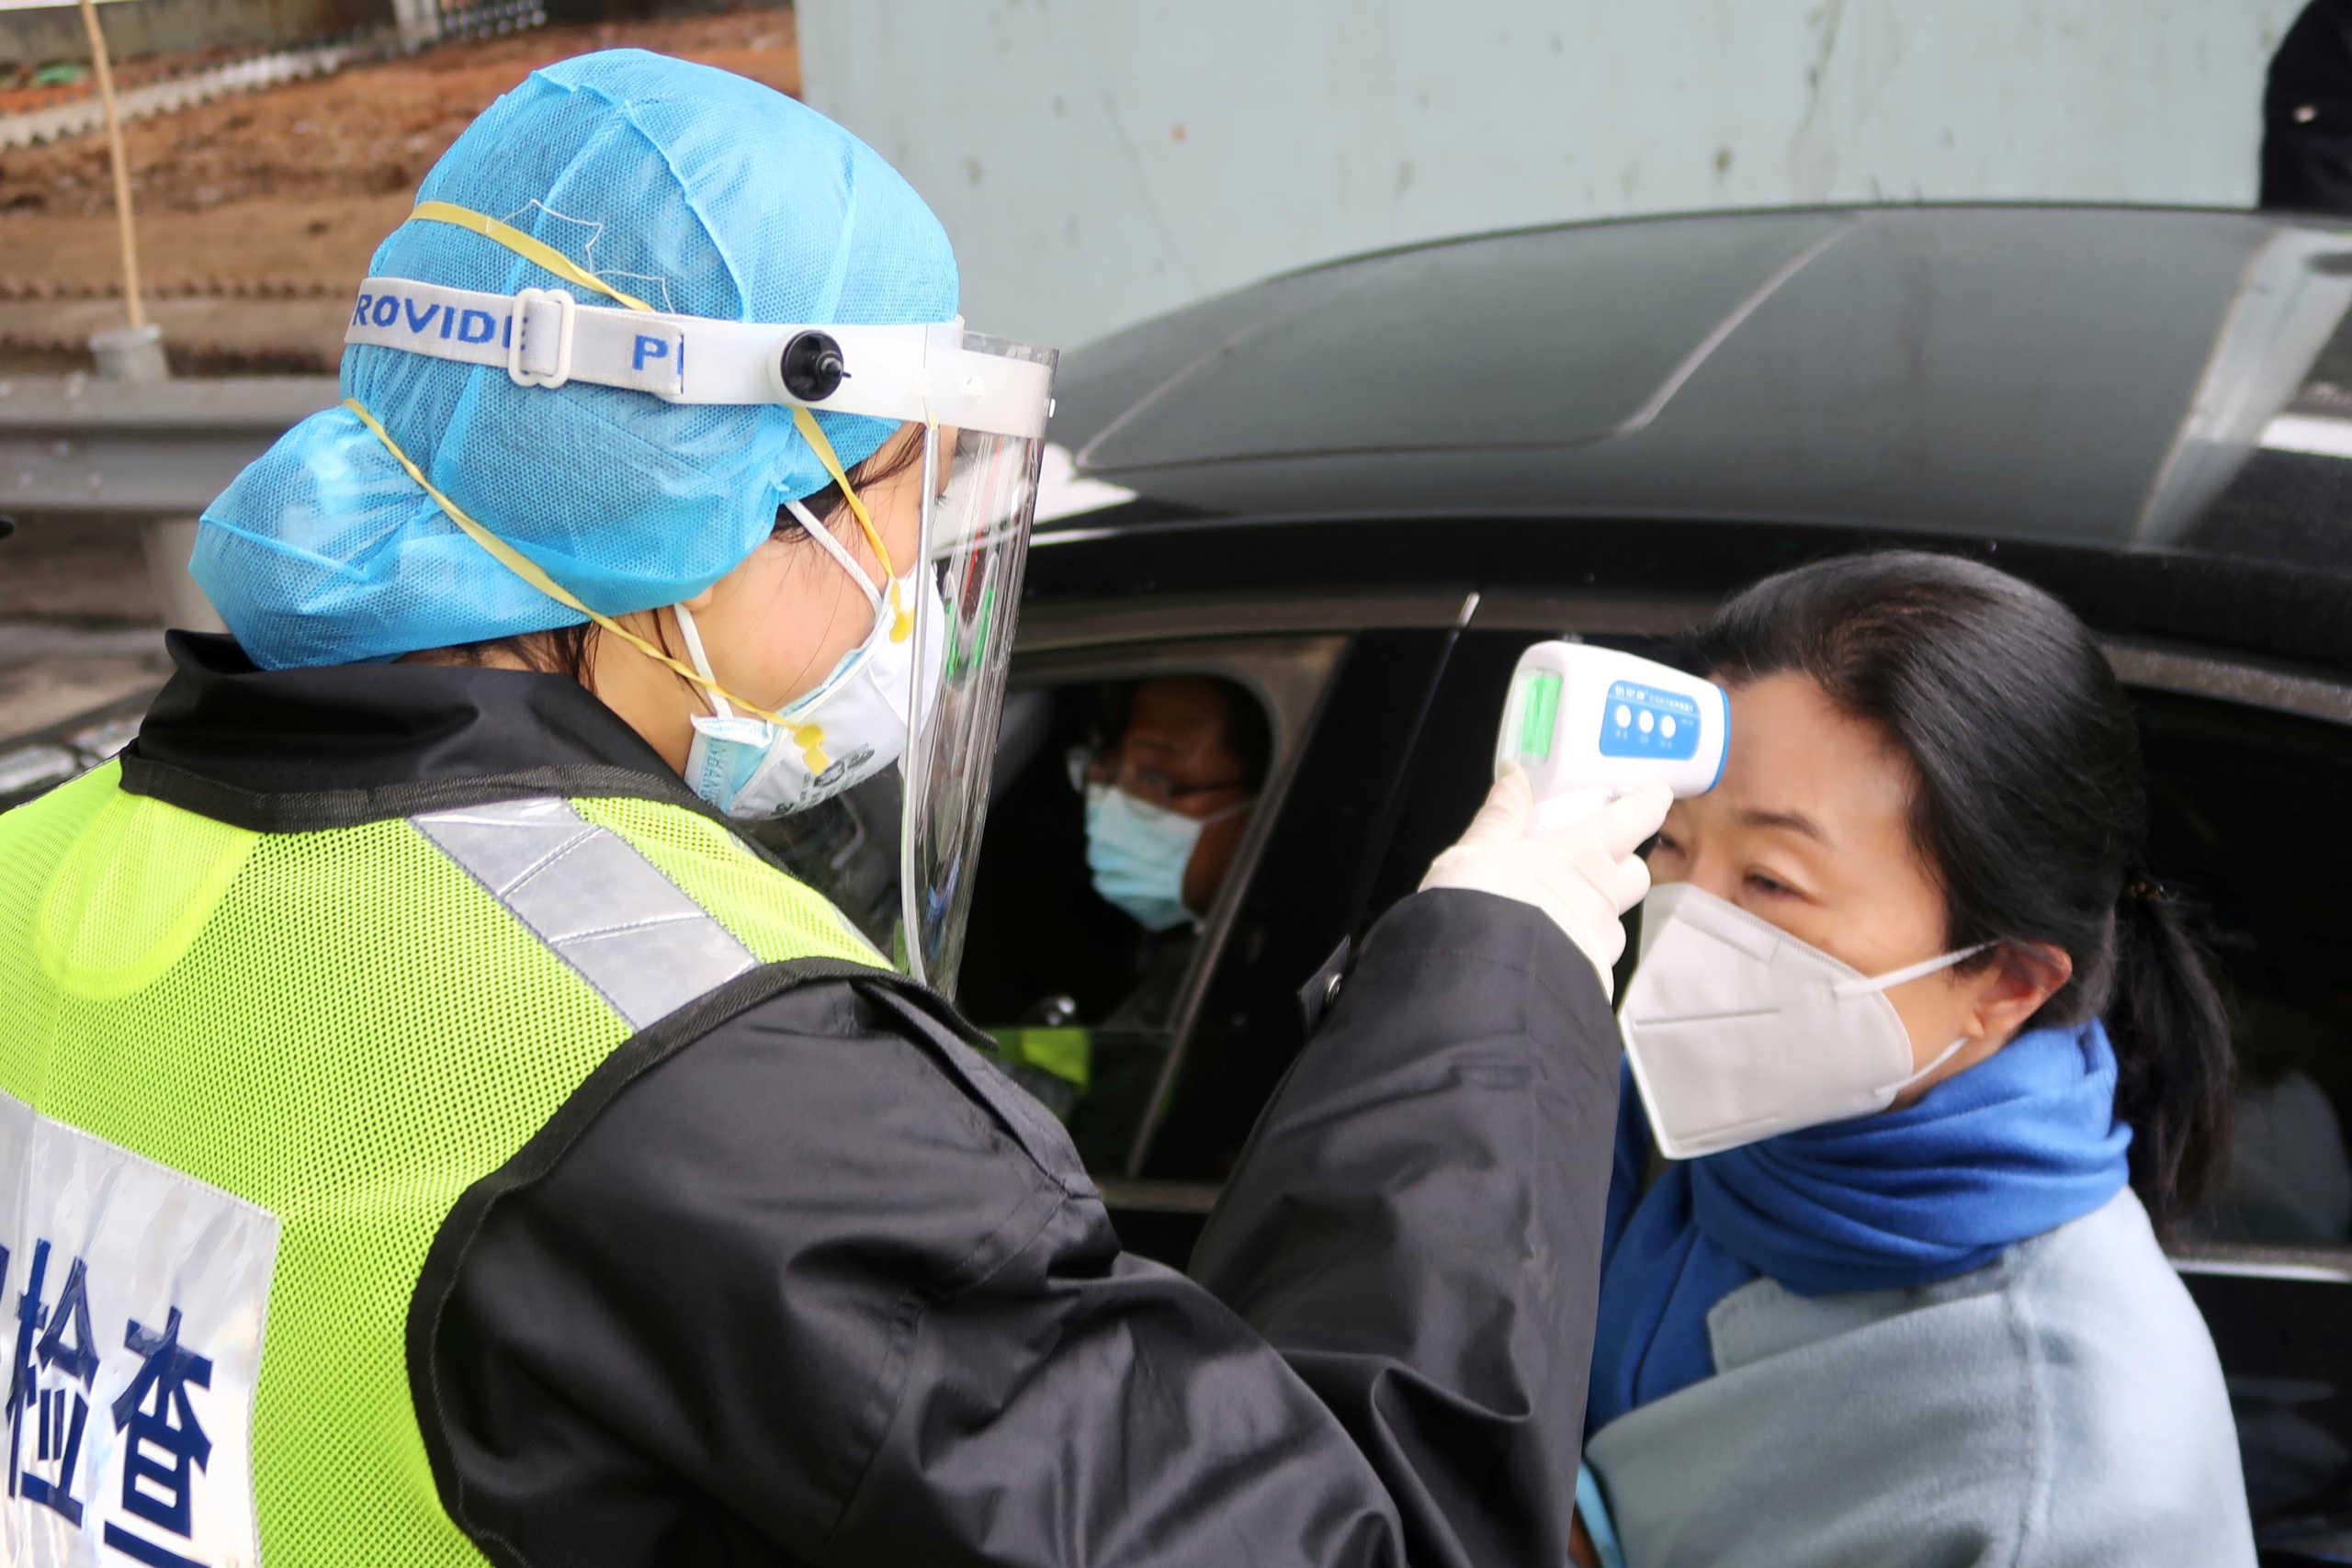 Κορονοϊός: Ακυρώθηκε η Εβδομάδα Μόδας στη Σεούλ λόγω του ιού